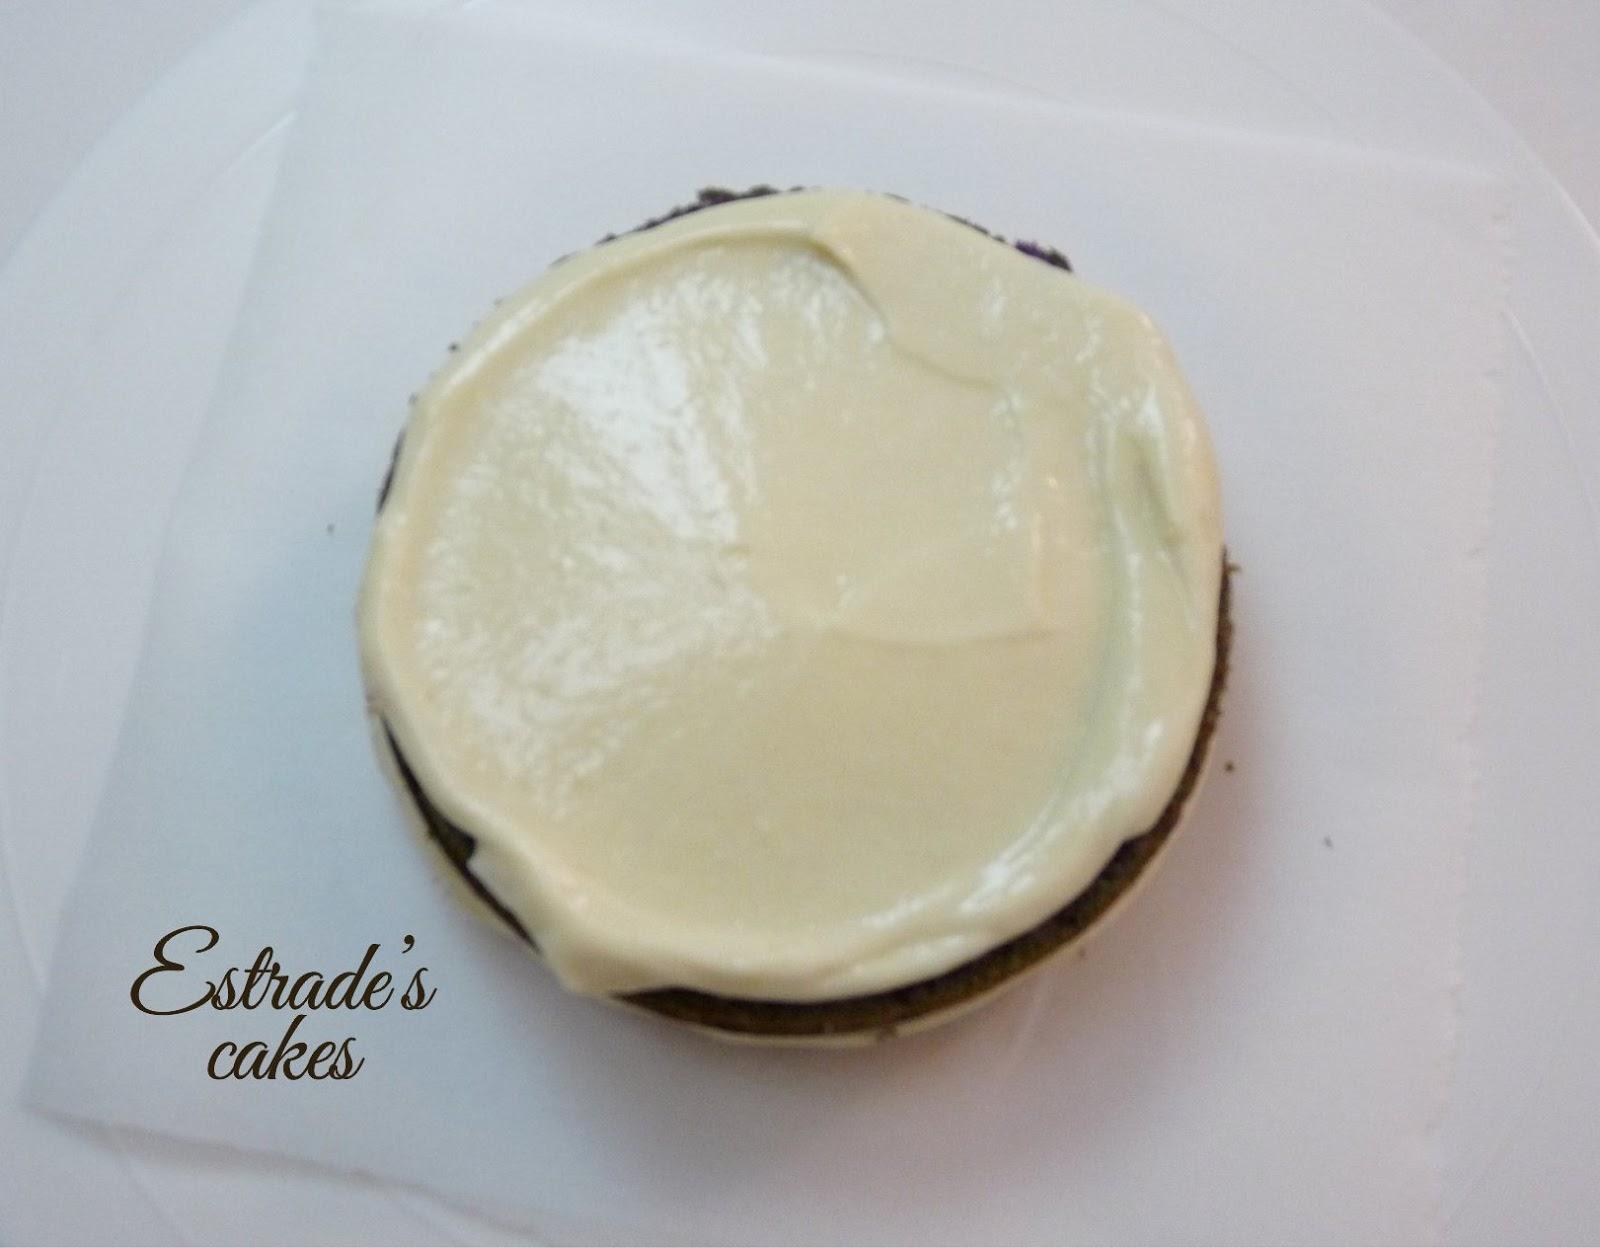 receta de crema de coco - 1